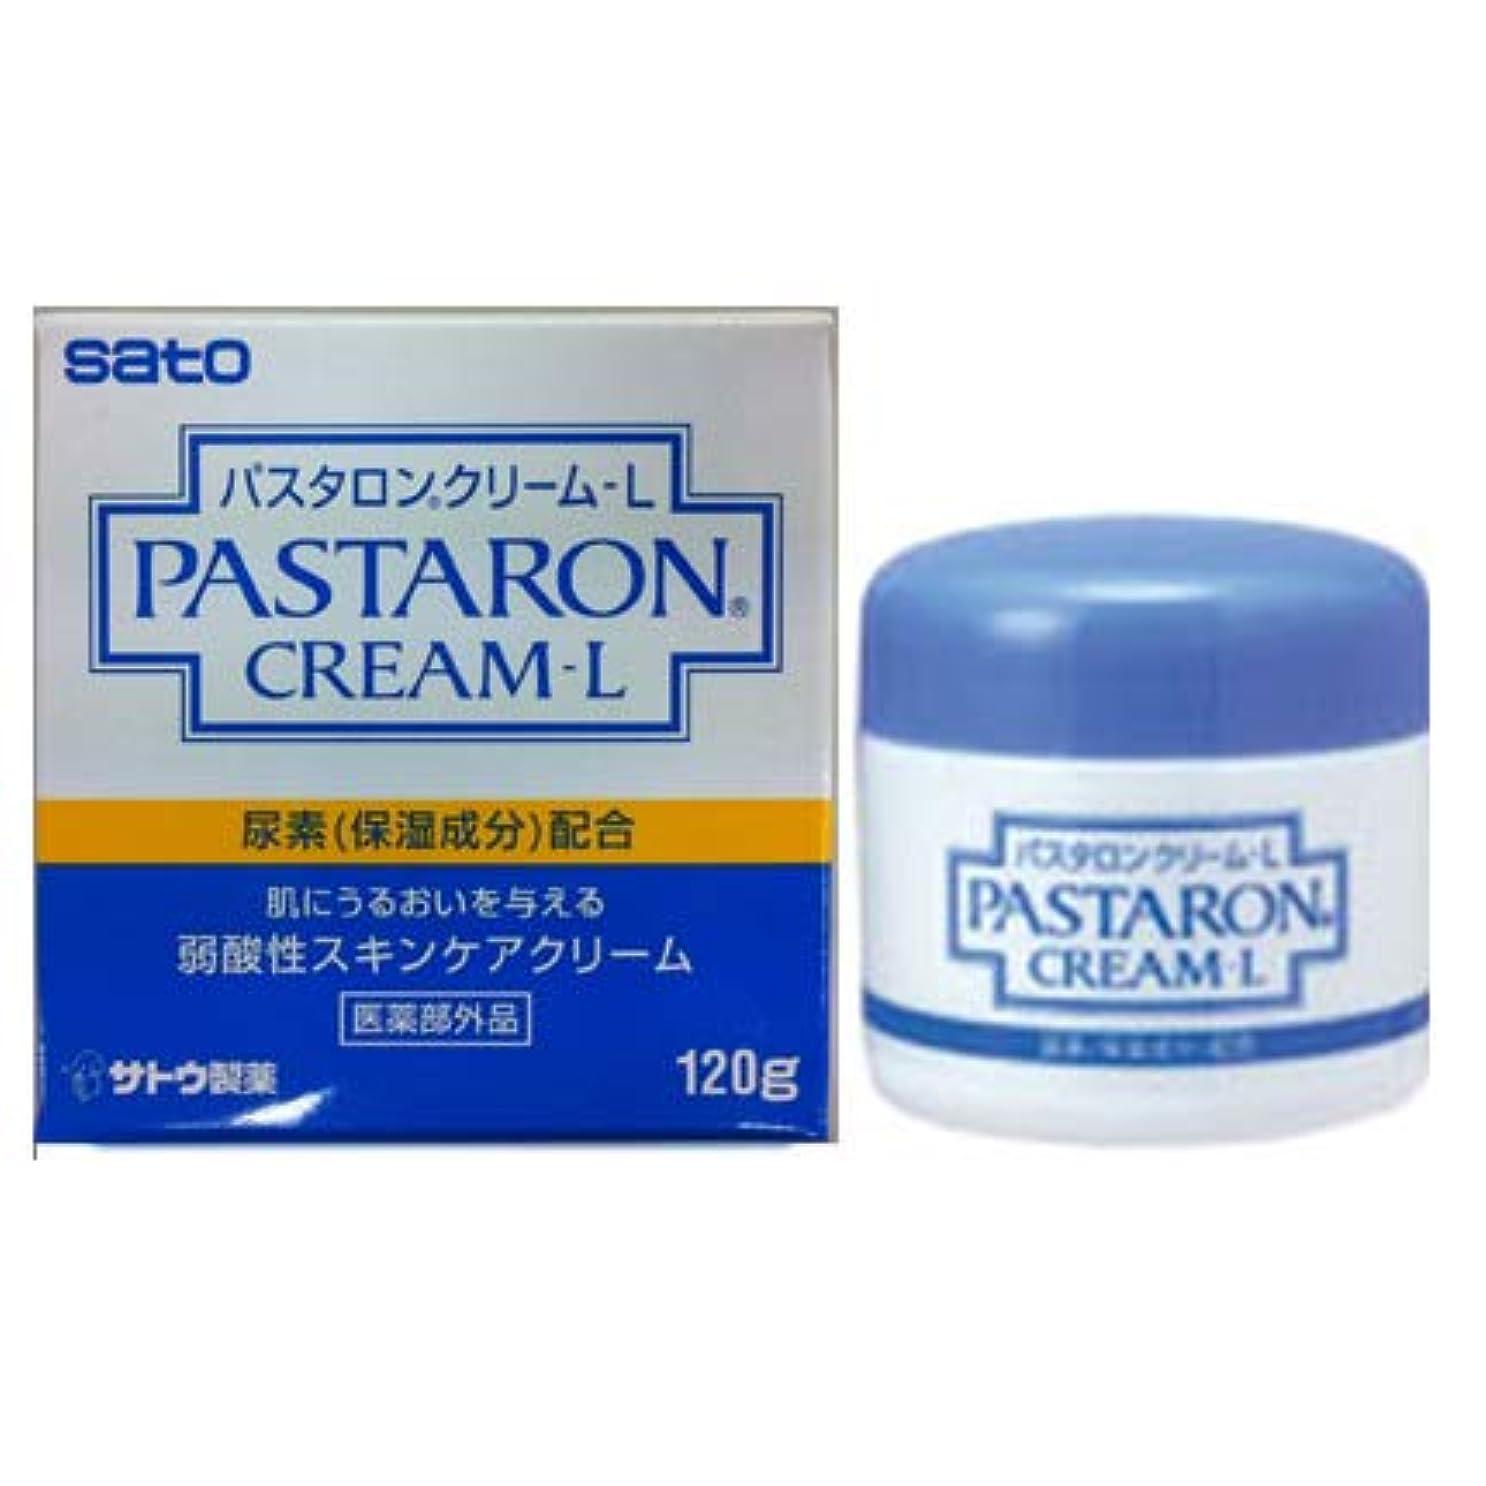 予防接種先より多いパスタロンクリームL 120g×10個セット【医薬部外品】